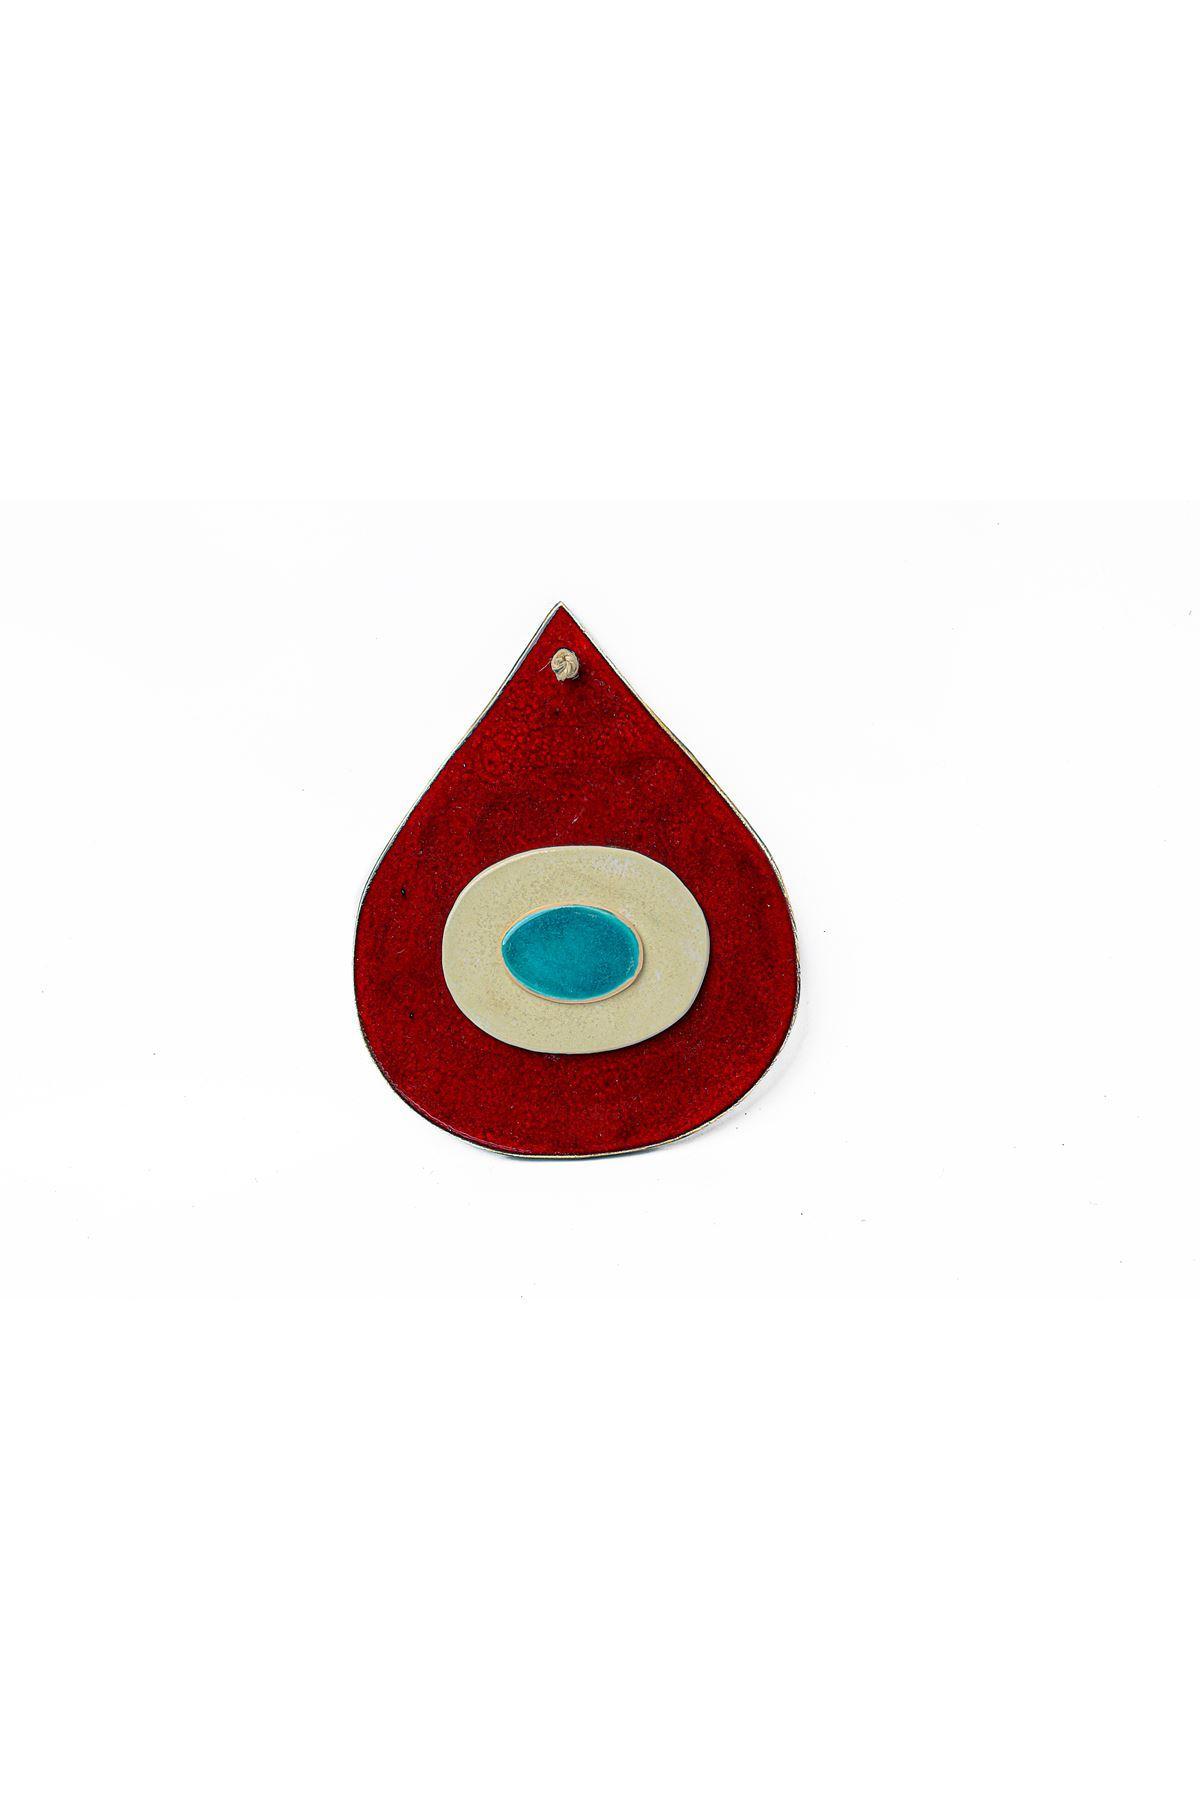 Seramık Buyuk Damla Nazarlık Kırmızı Tuval Hedıyelık